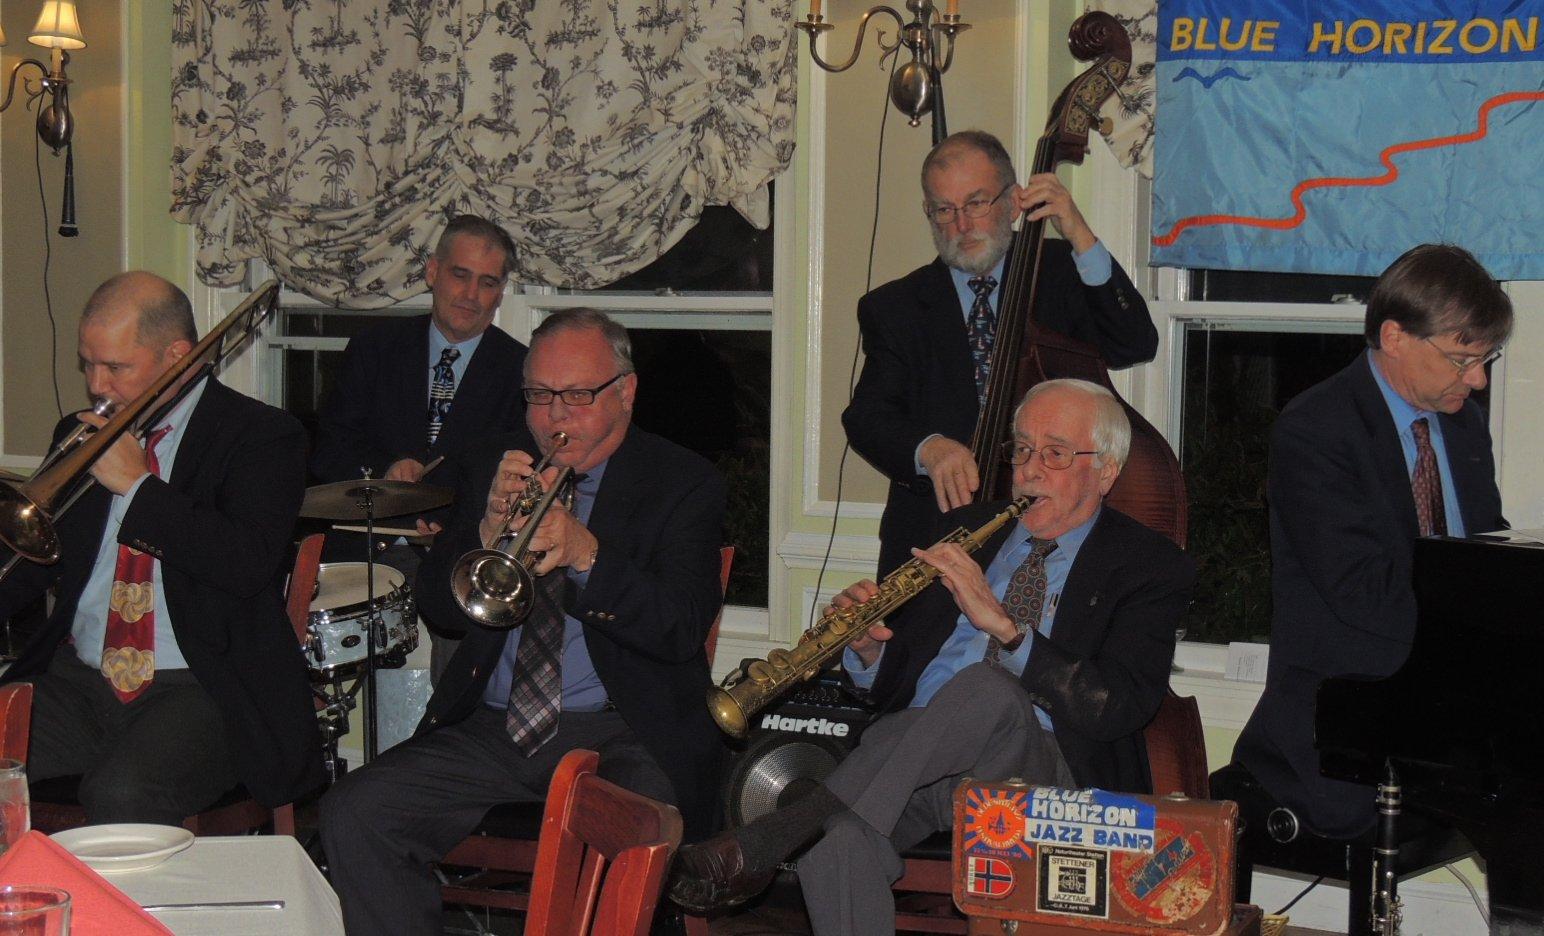 6-pc Traditional Jazz Band, no banjo